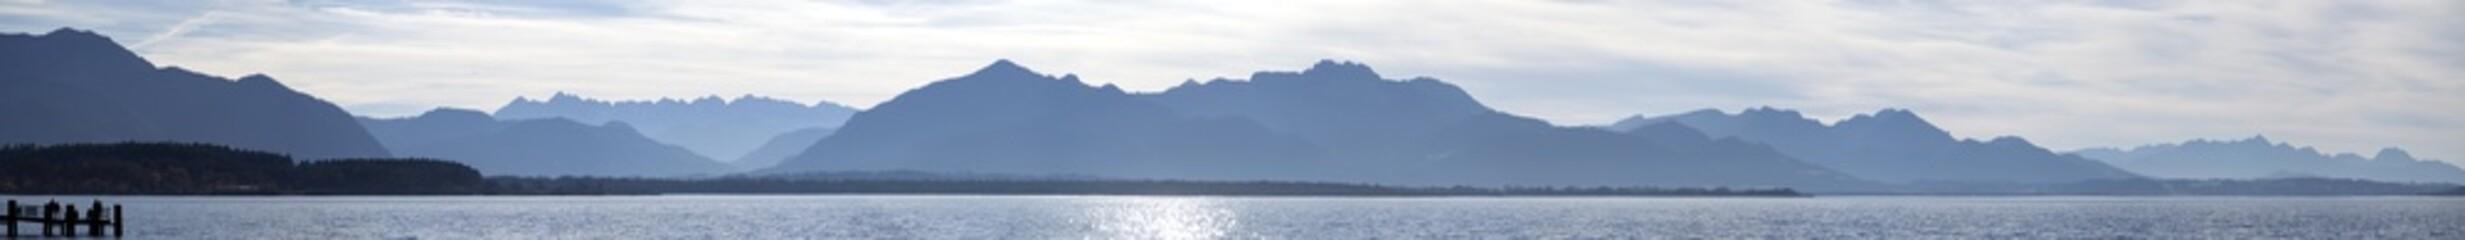 grosses panorama vom chiemsee mit kampenwand